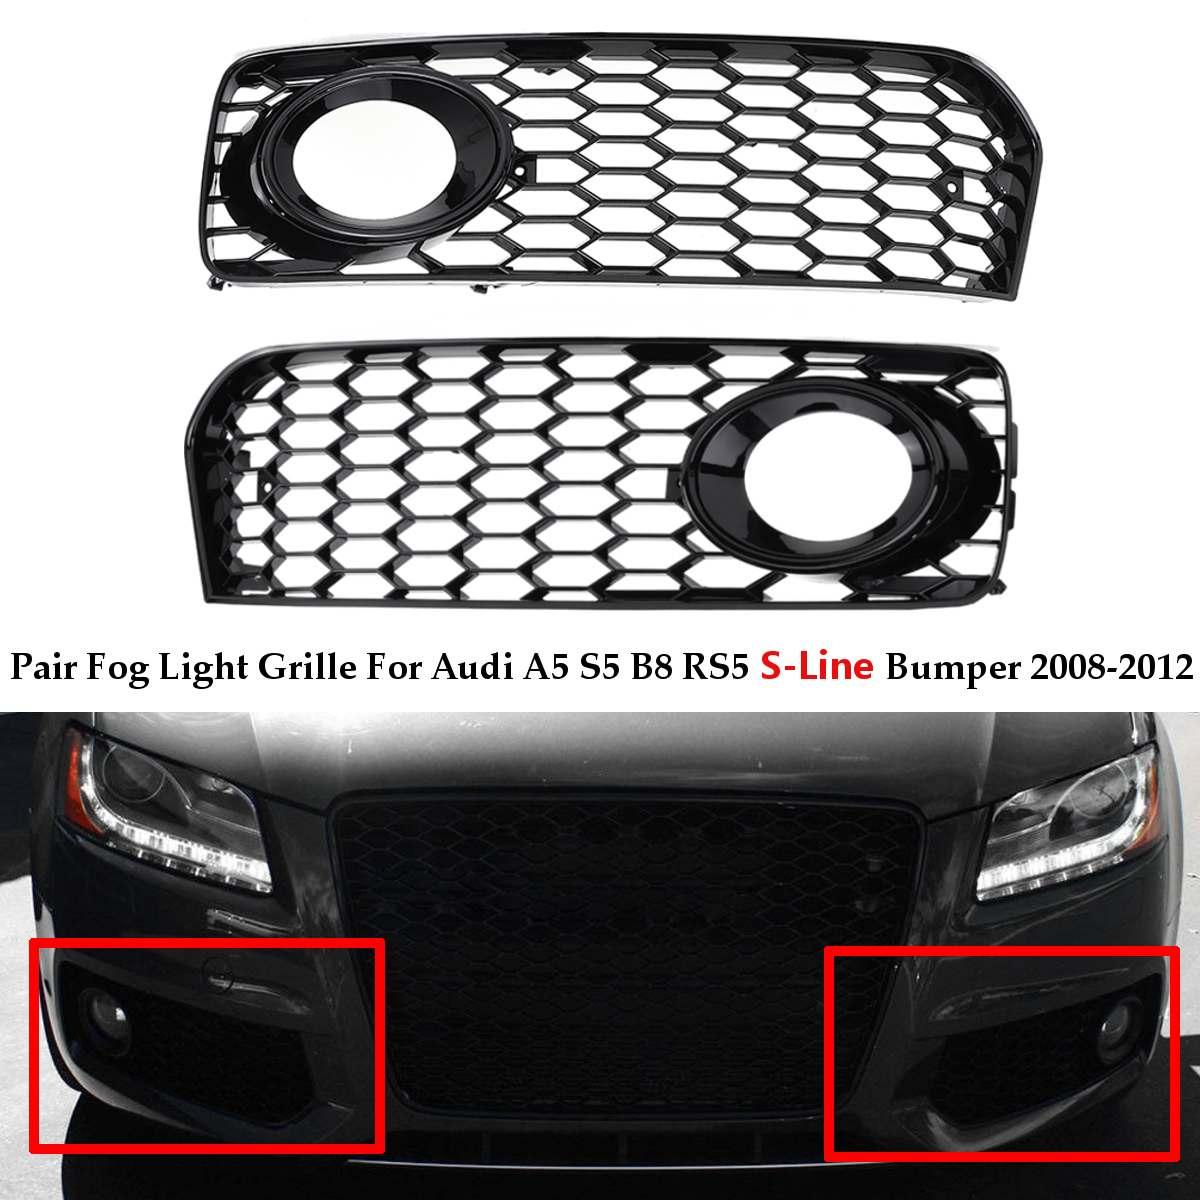 Une Paire De Voiture Brouillard répéteur hdmi Couverture Nid D'abeille Maille Hexagonale Avant Grille Grill Pour Audi A5 S-Ligne/S5 b8 RS5 2008-2012 Dans Racing Grills